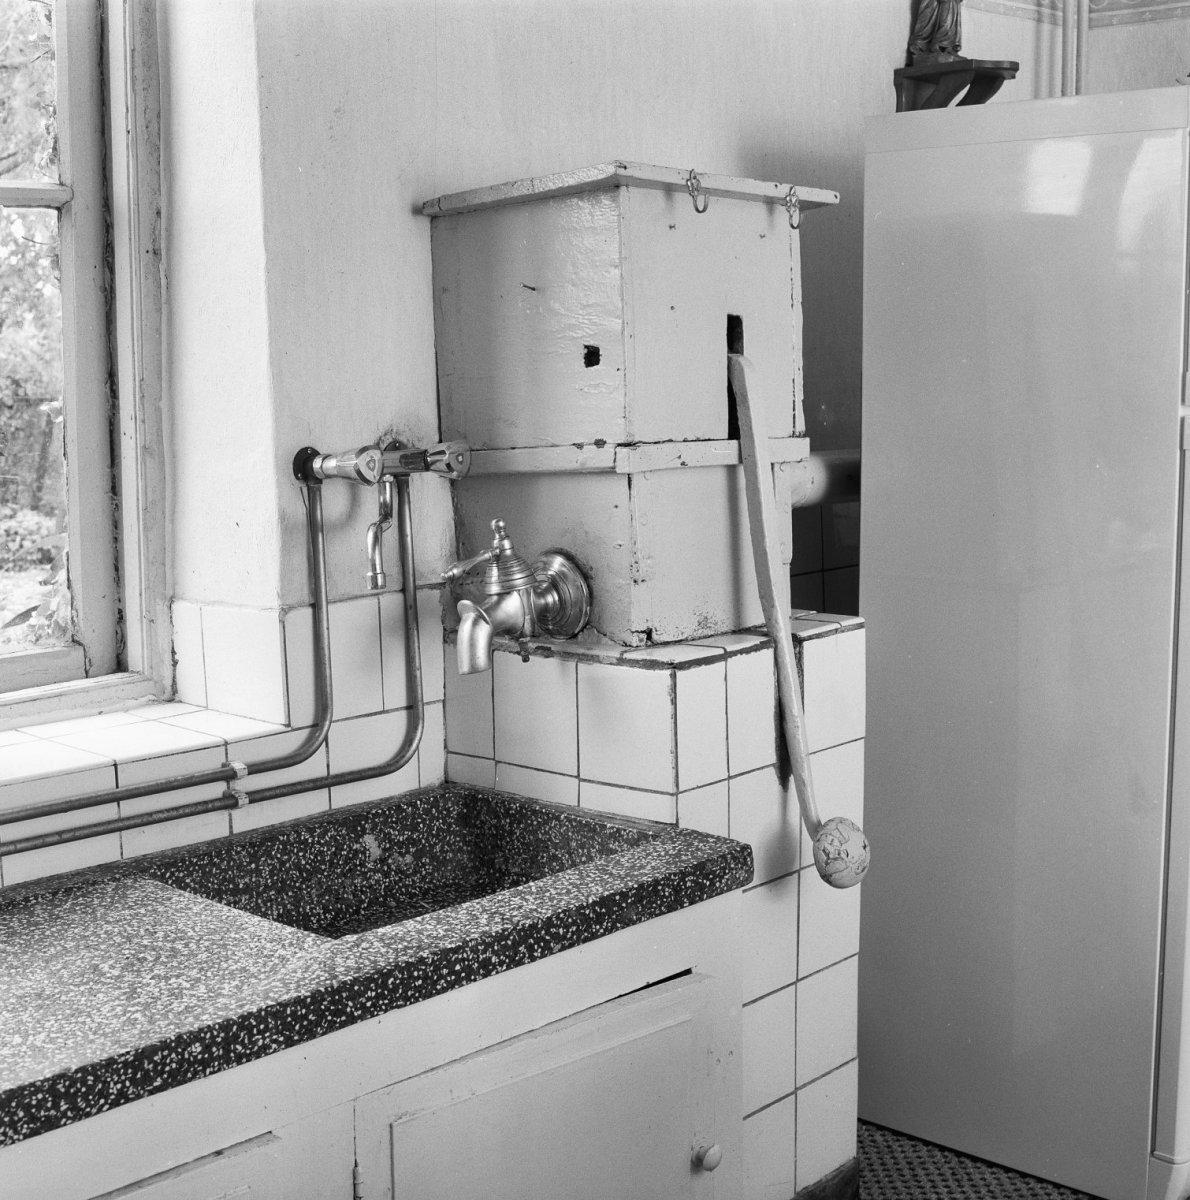 File:Interieur keuken met granieten aanrechtblad en waterpomp - Veghel ...